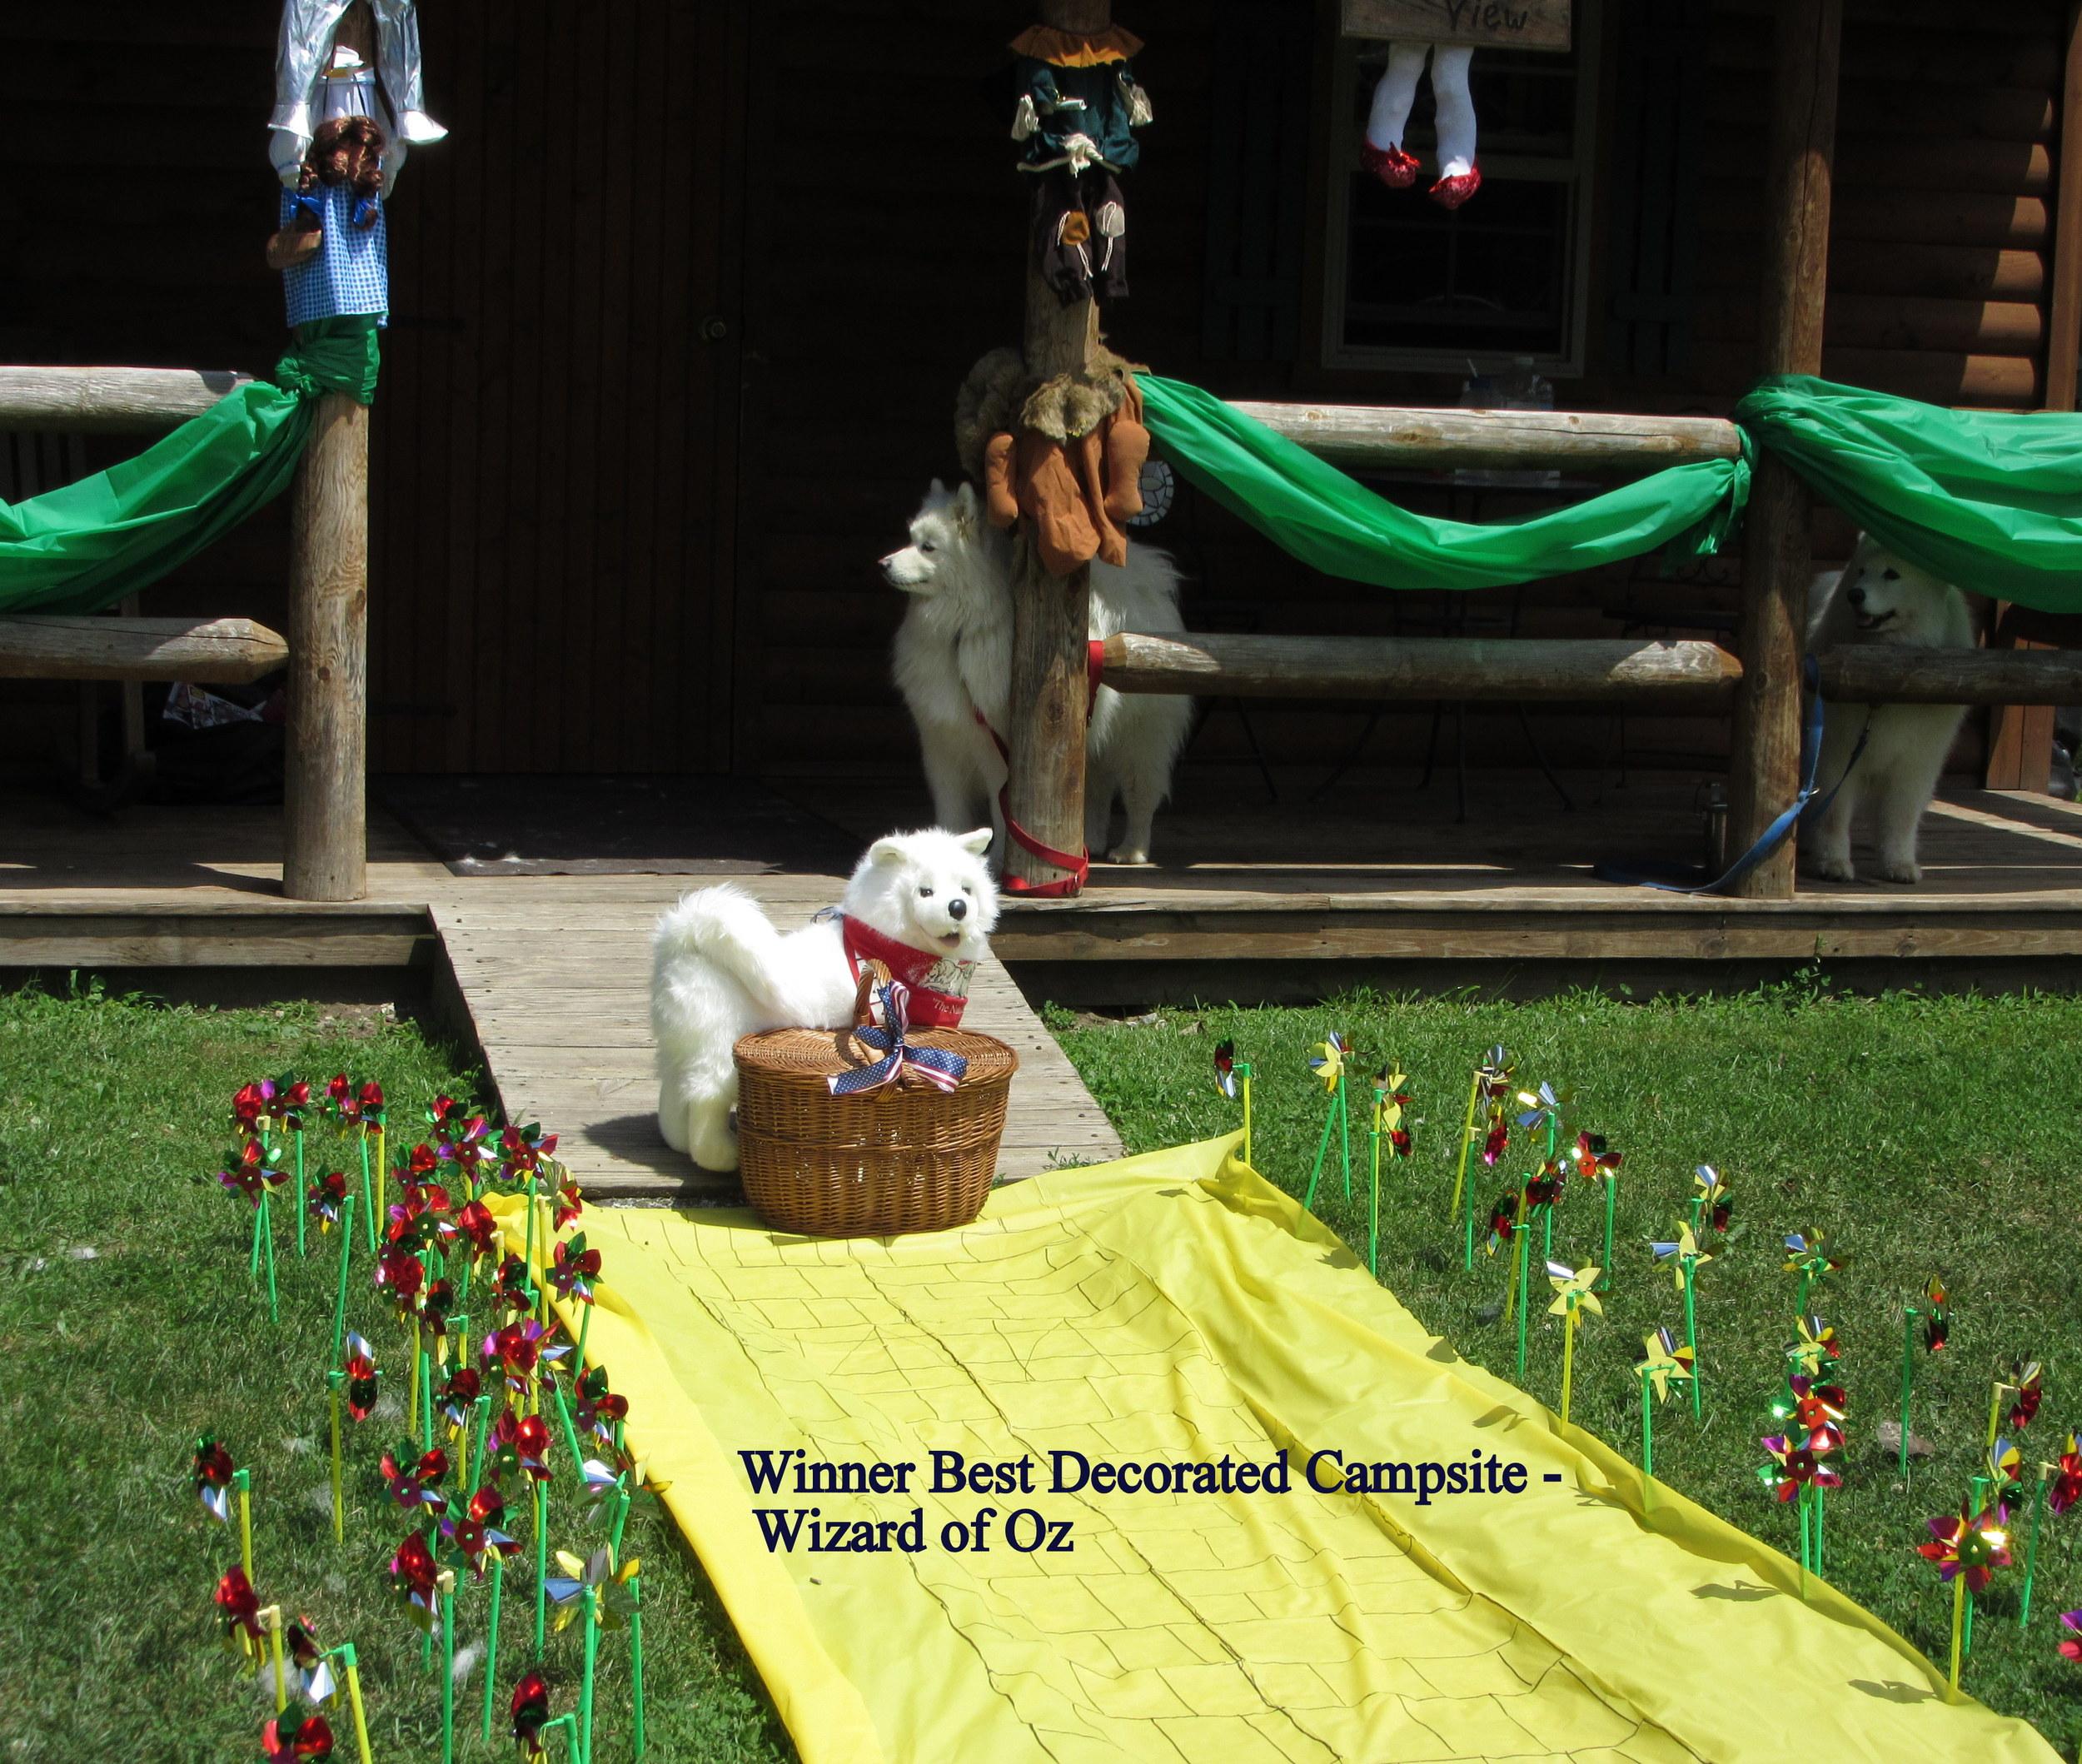 Winner of Best Decorated Campsite